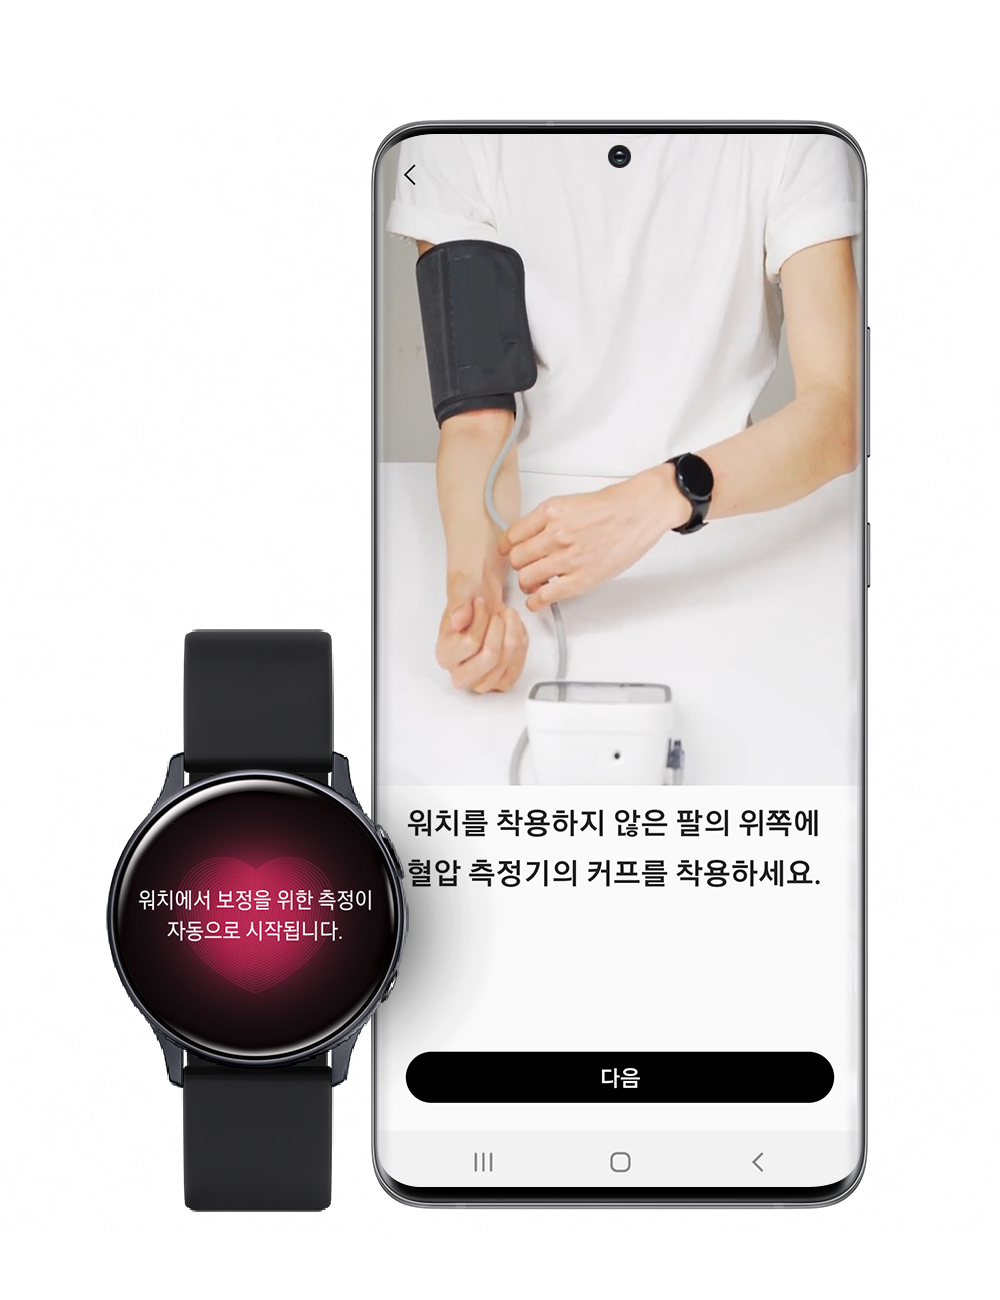 워치를 착용하지 않은 팔의 위쪽에 혈압 측정기의 커프를 착용하세요. 위치에서 보정을 위한 측정이 자동으로 시작됩니다. 다음